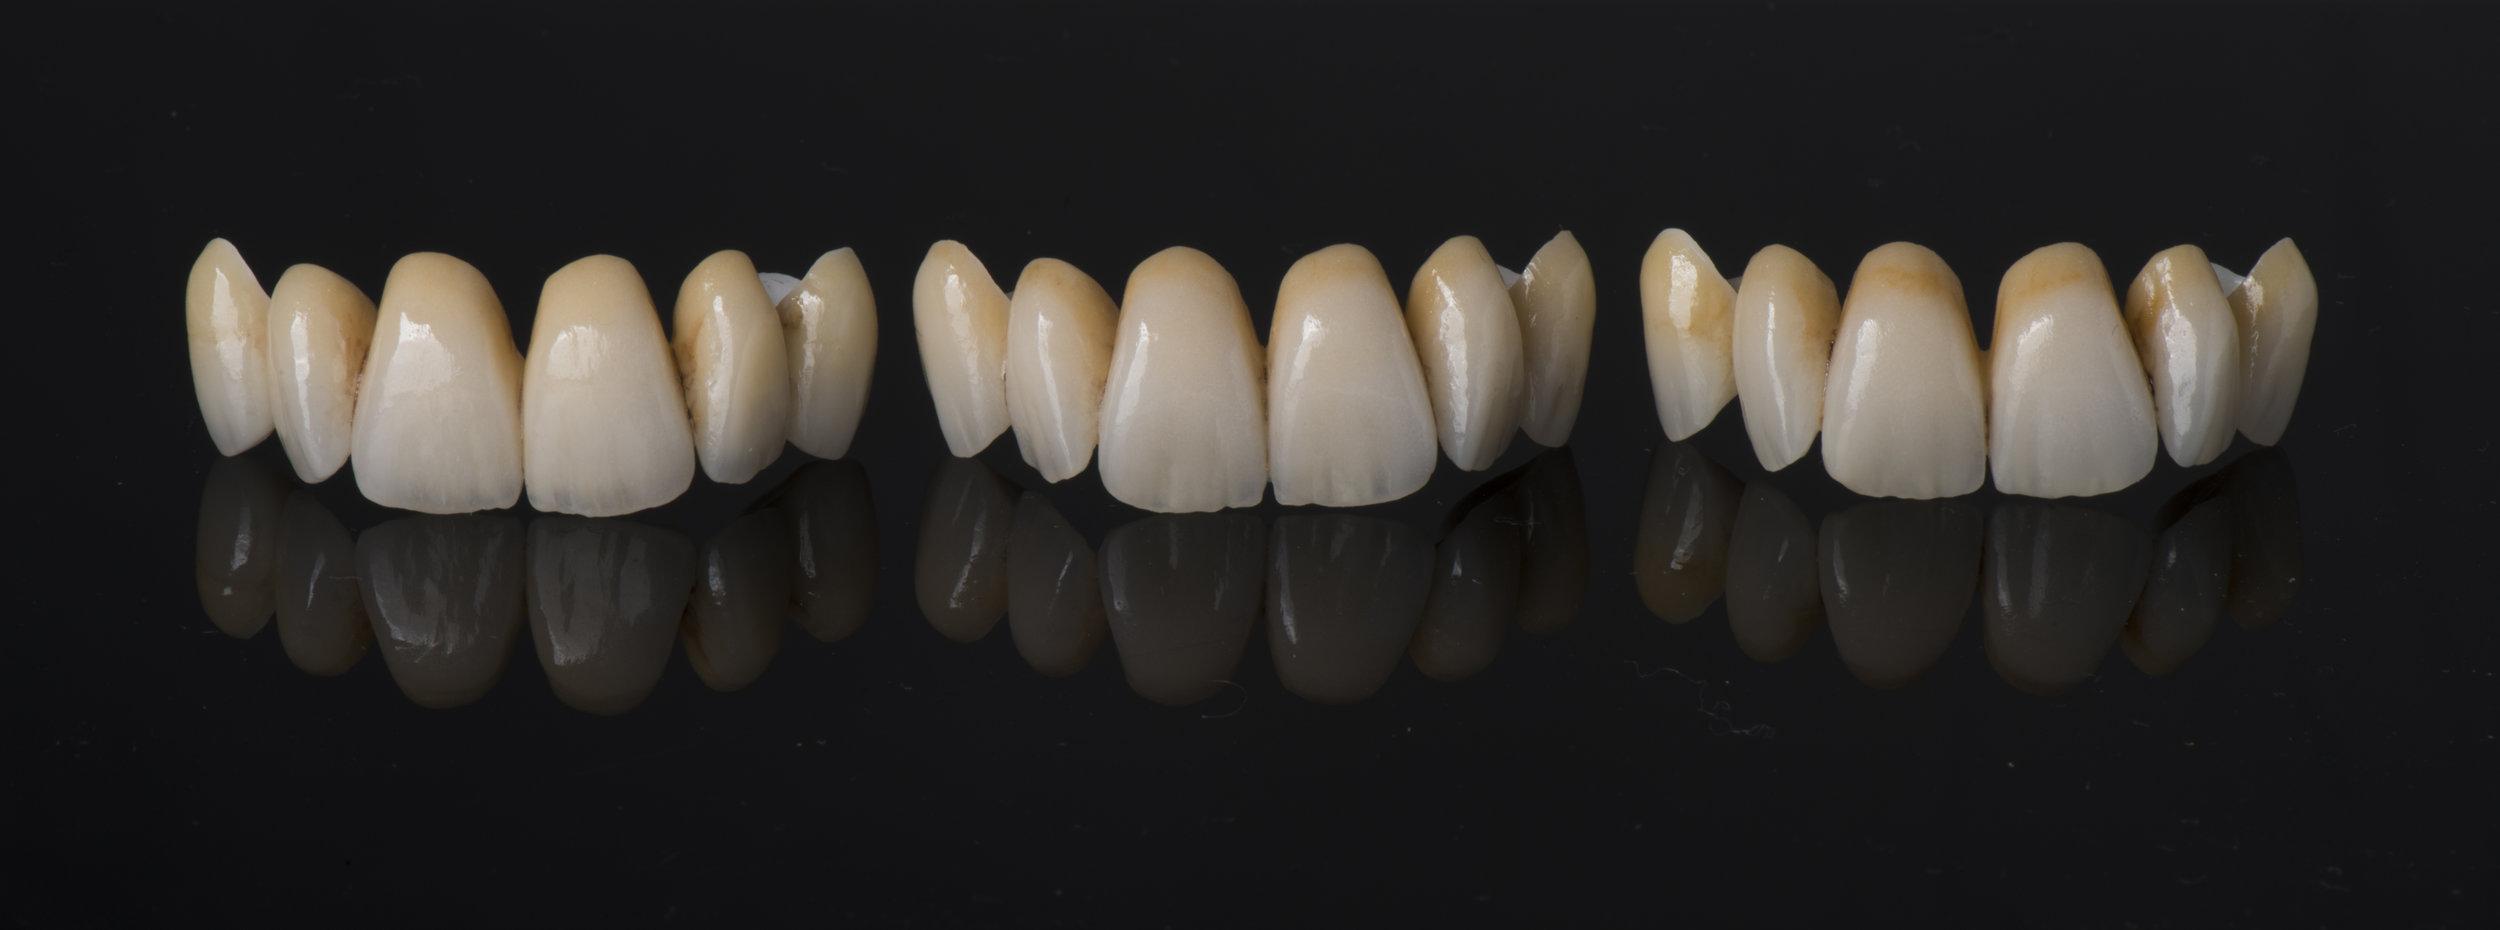 Fotografía del caso terminado (3 puentes, misma silicona, mismo resultado)